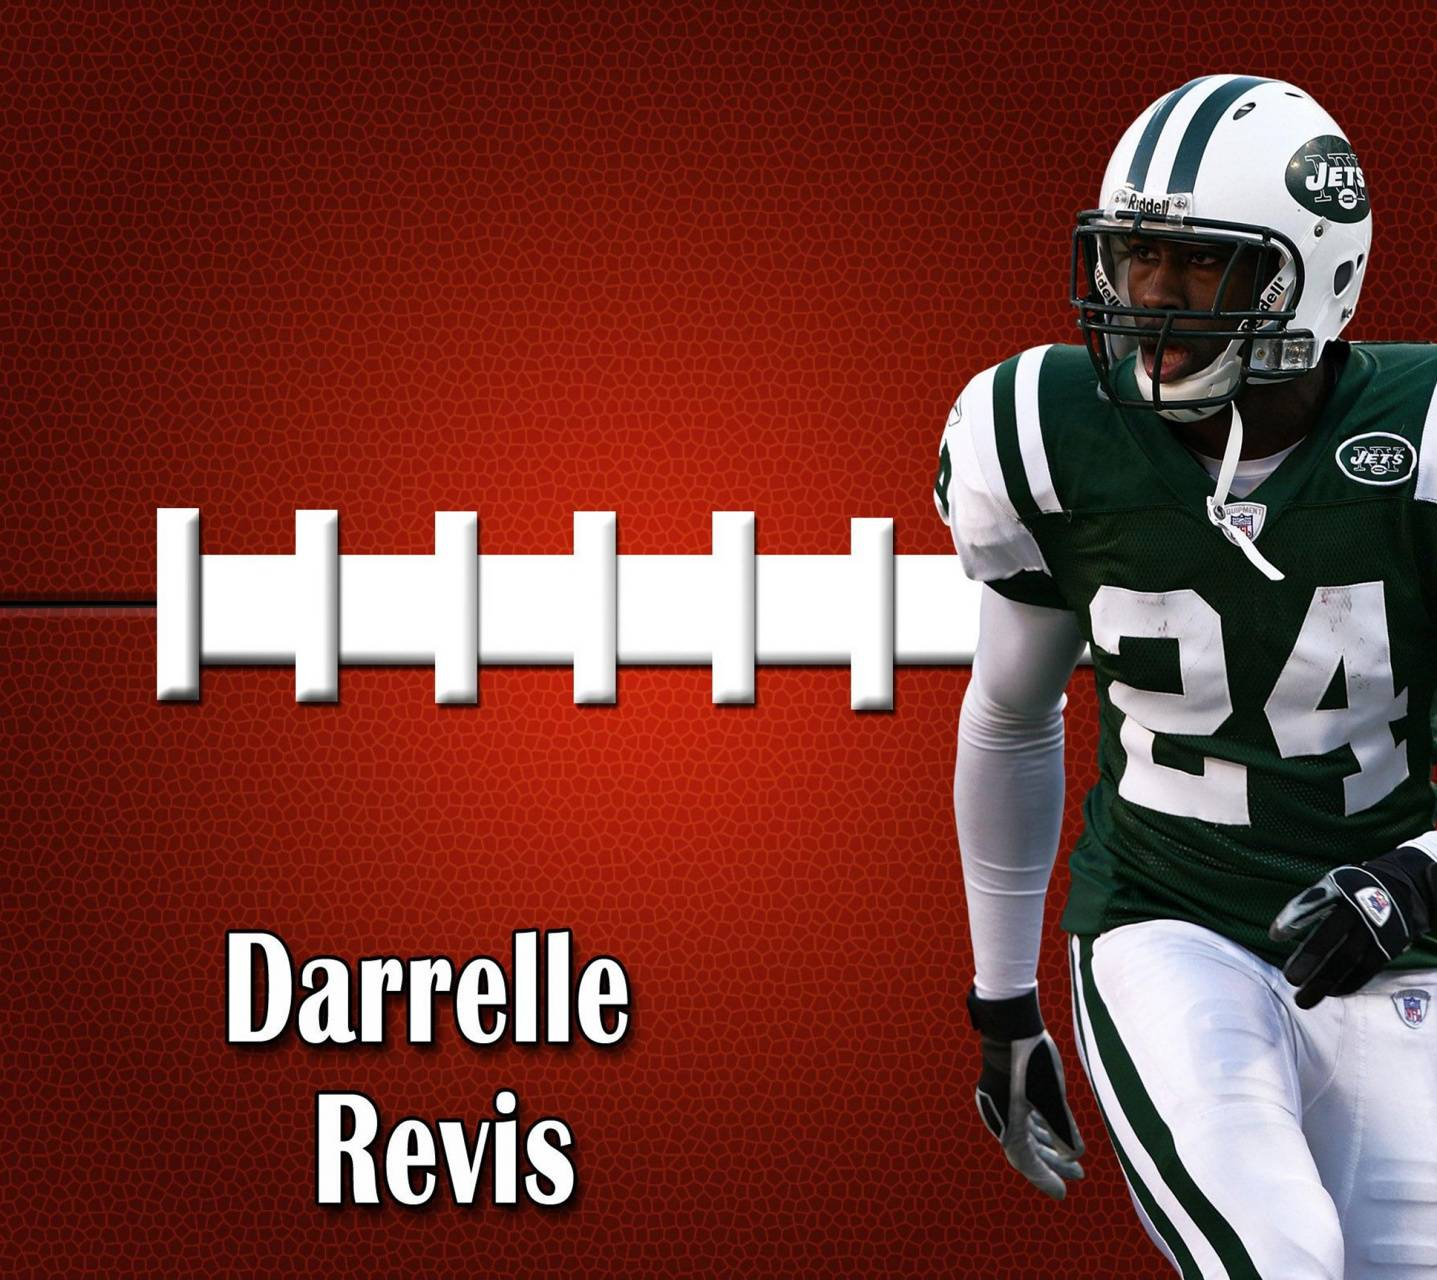 Darrelle Revis Jets